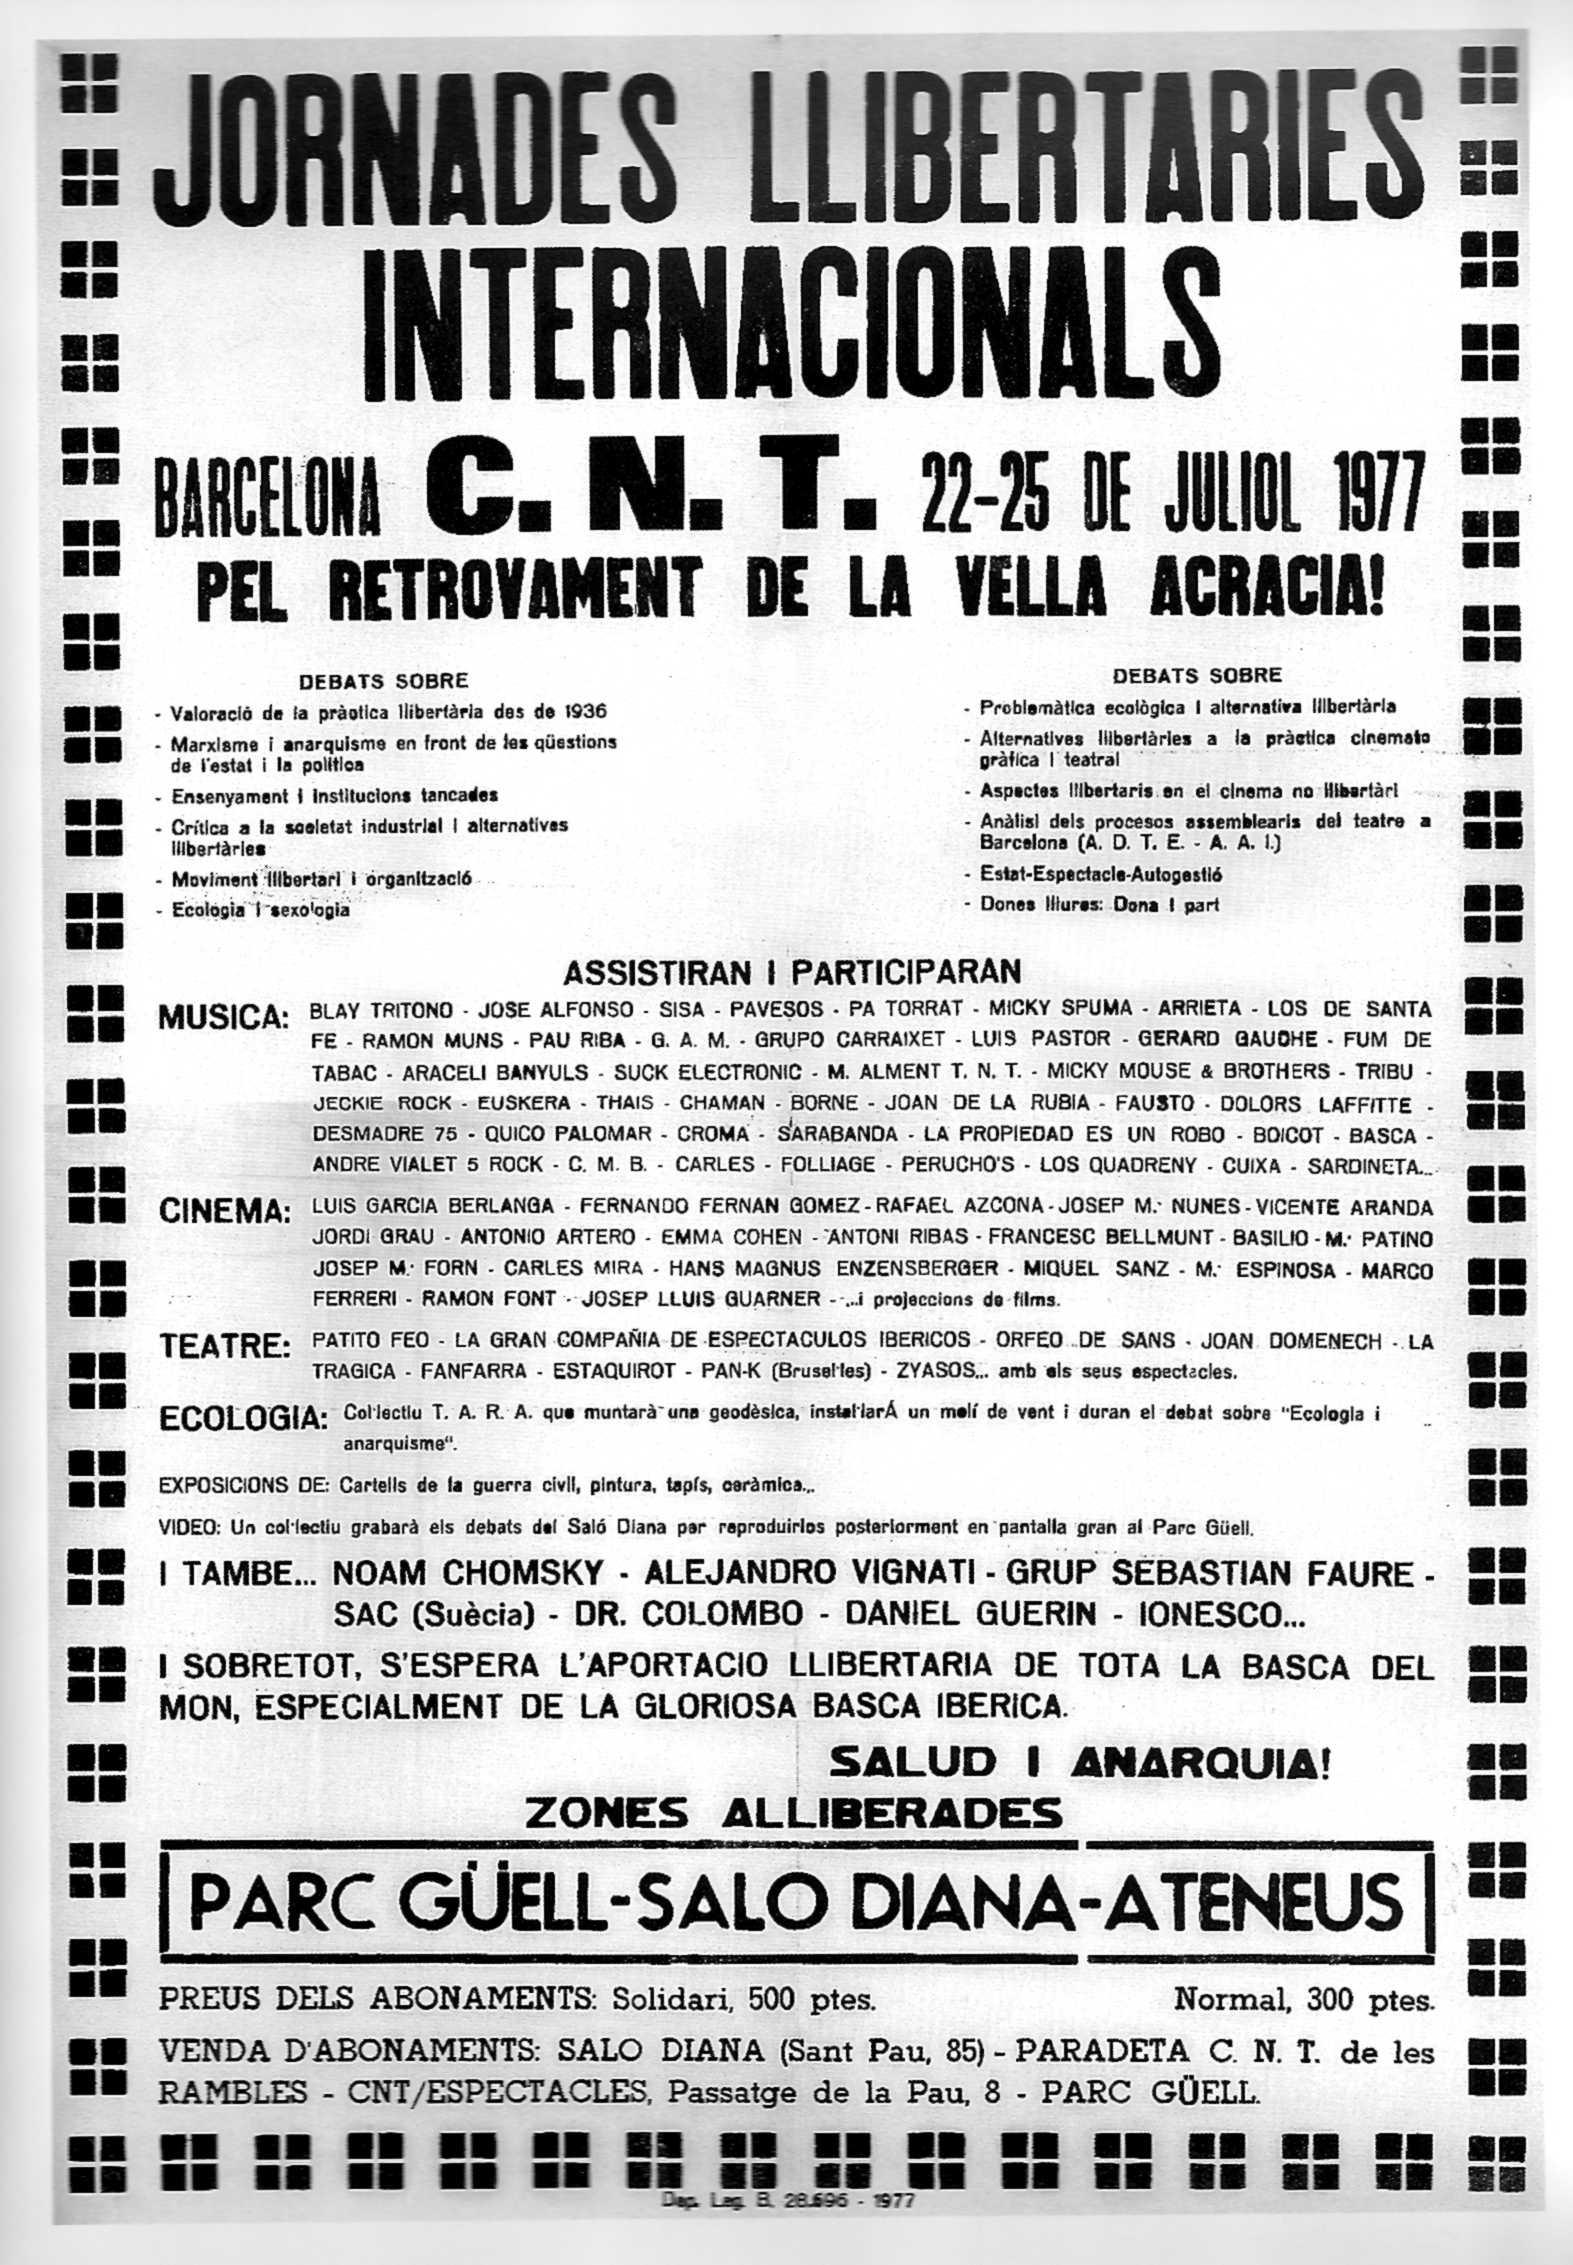 Cartell de les Jornades Llibertàries Internacionals de Barcelona de 1977